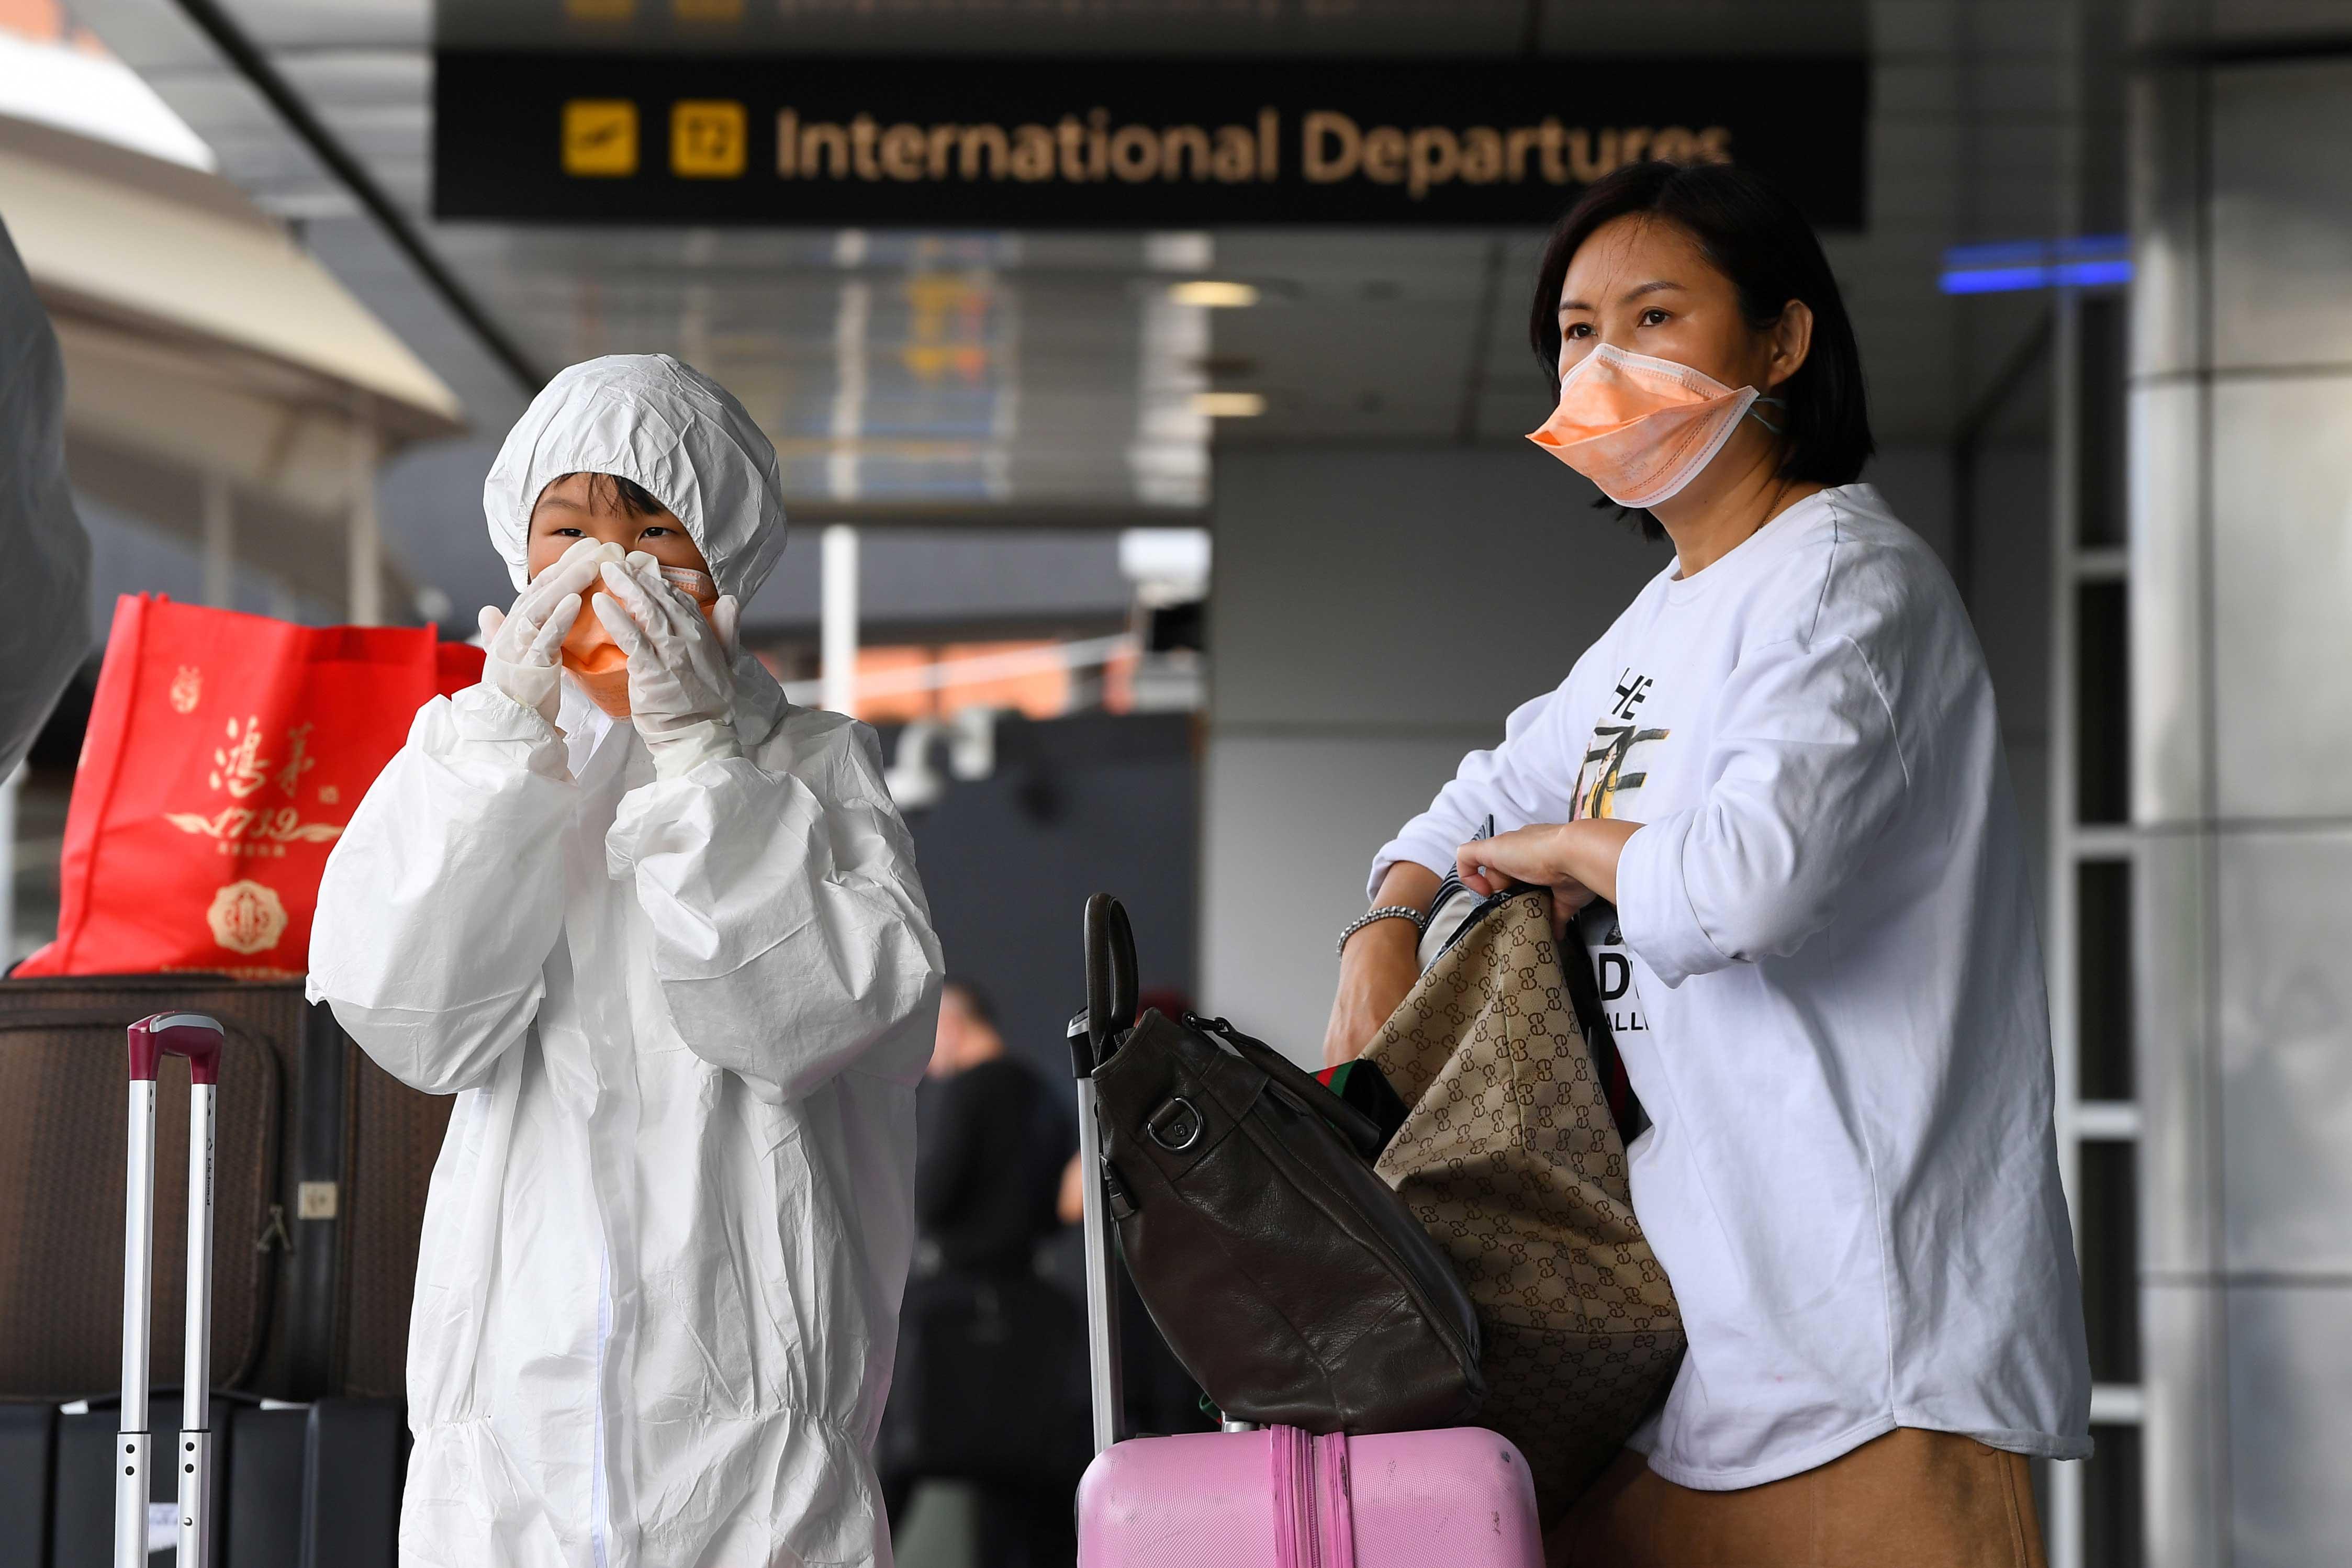 Passageiras usam equipamento de segurança no aeroporto de Melbourne